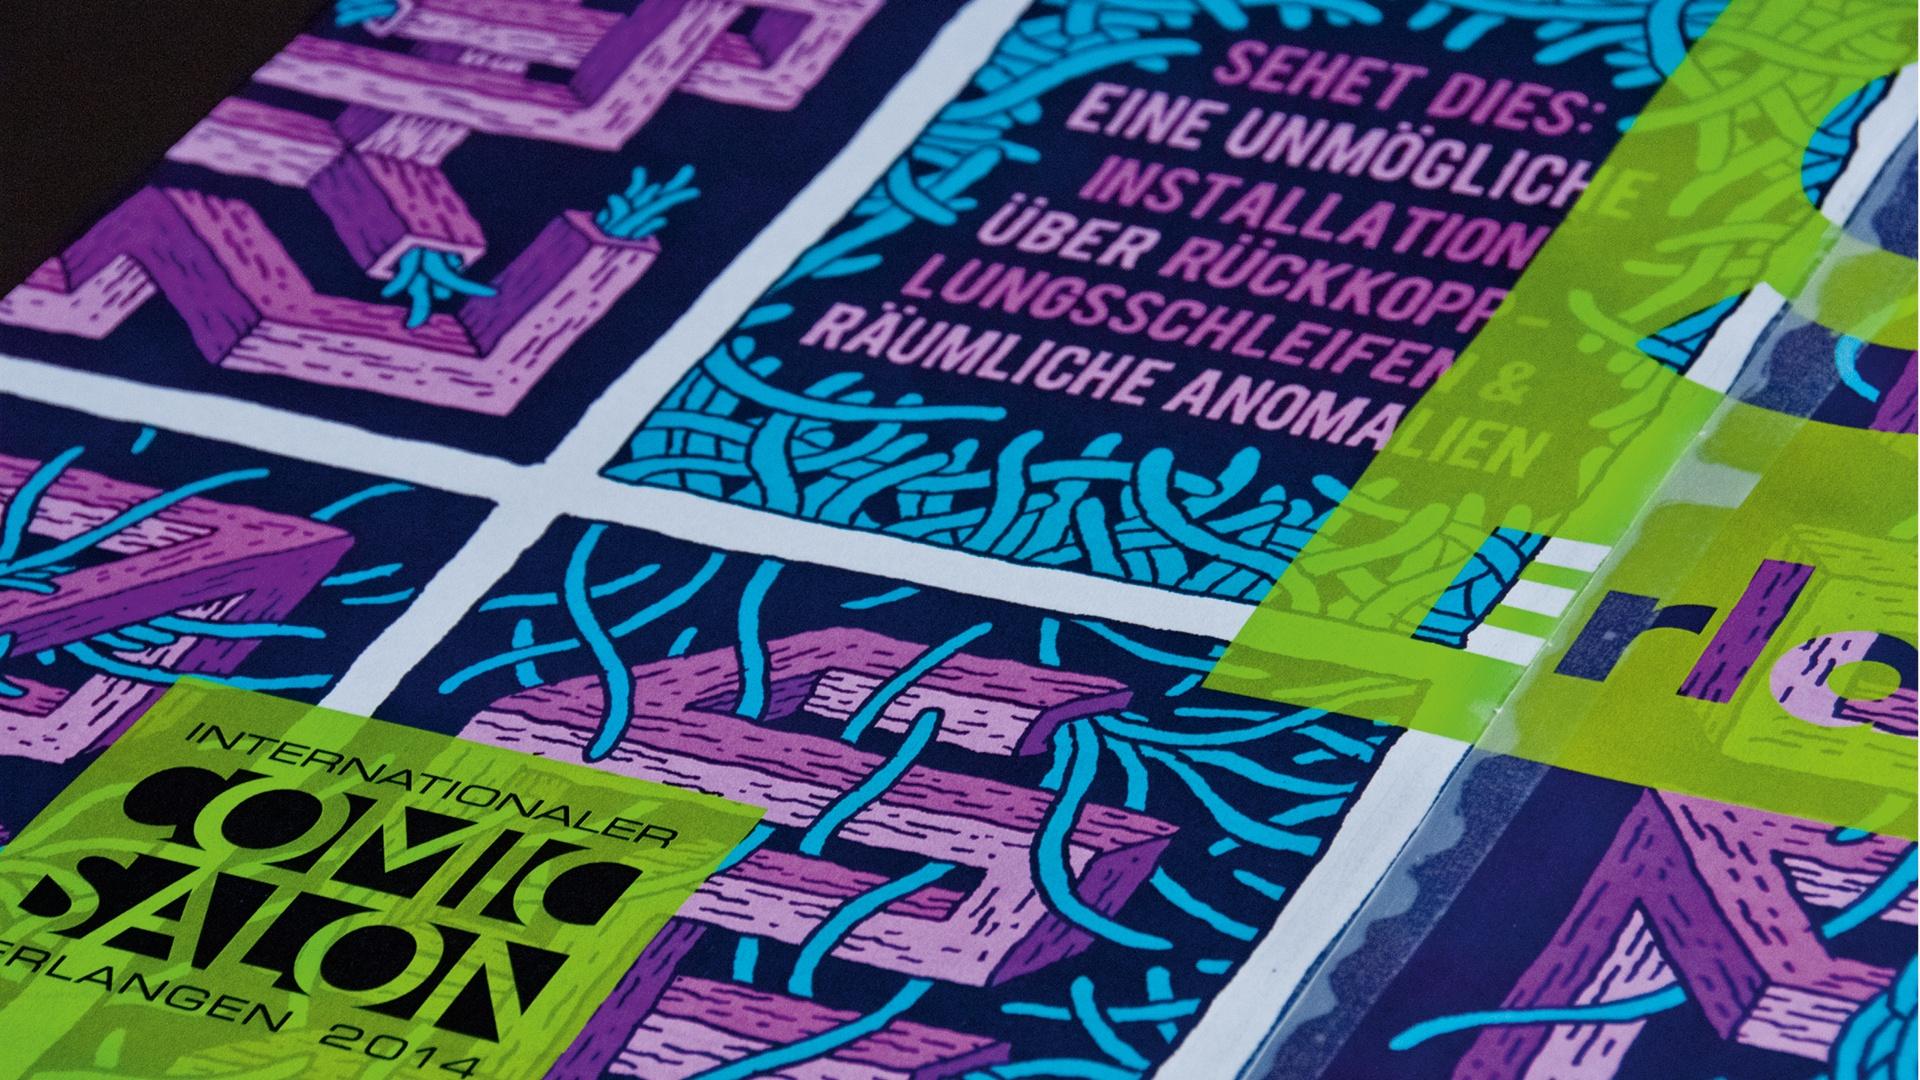 Erscheinungsbild Comic-Salon Erlangen